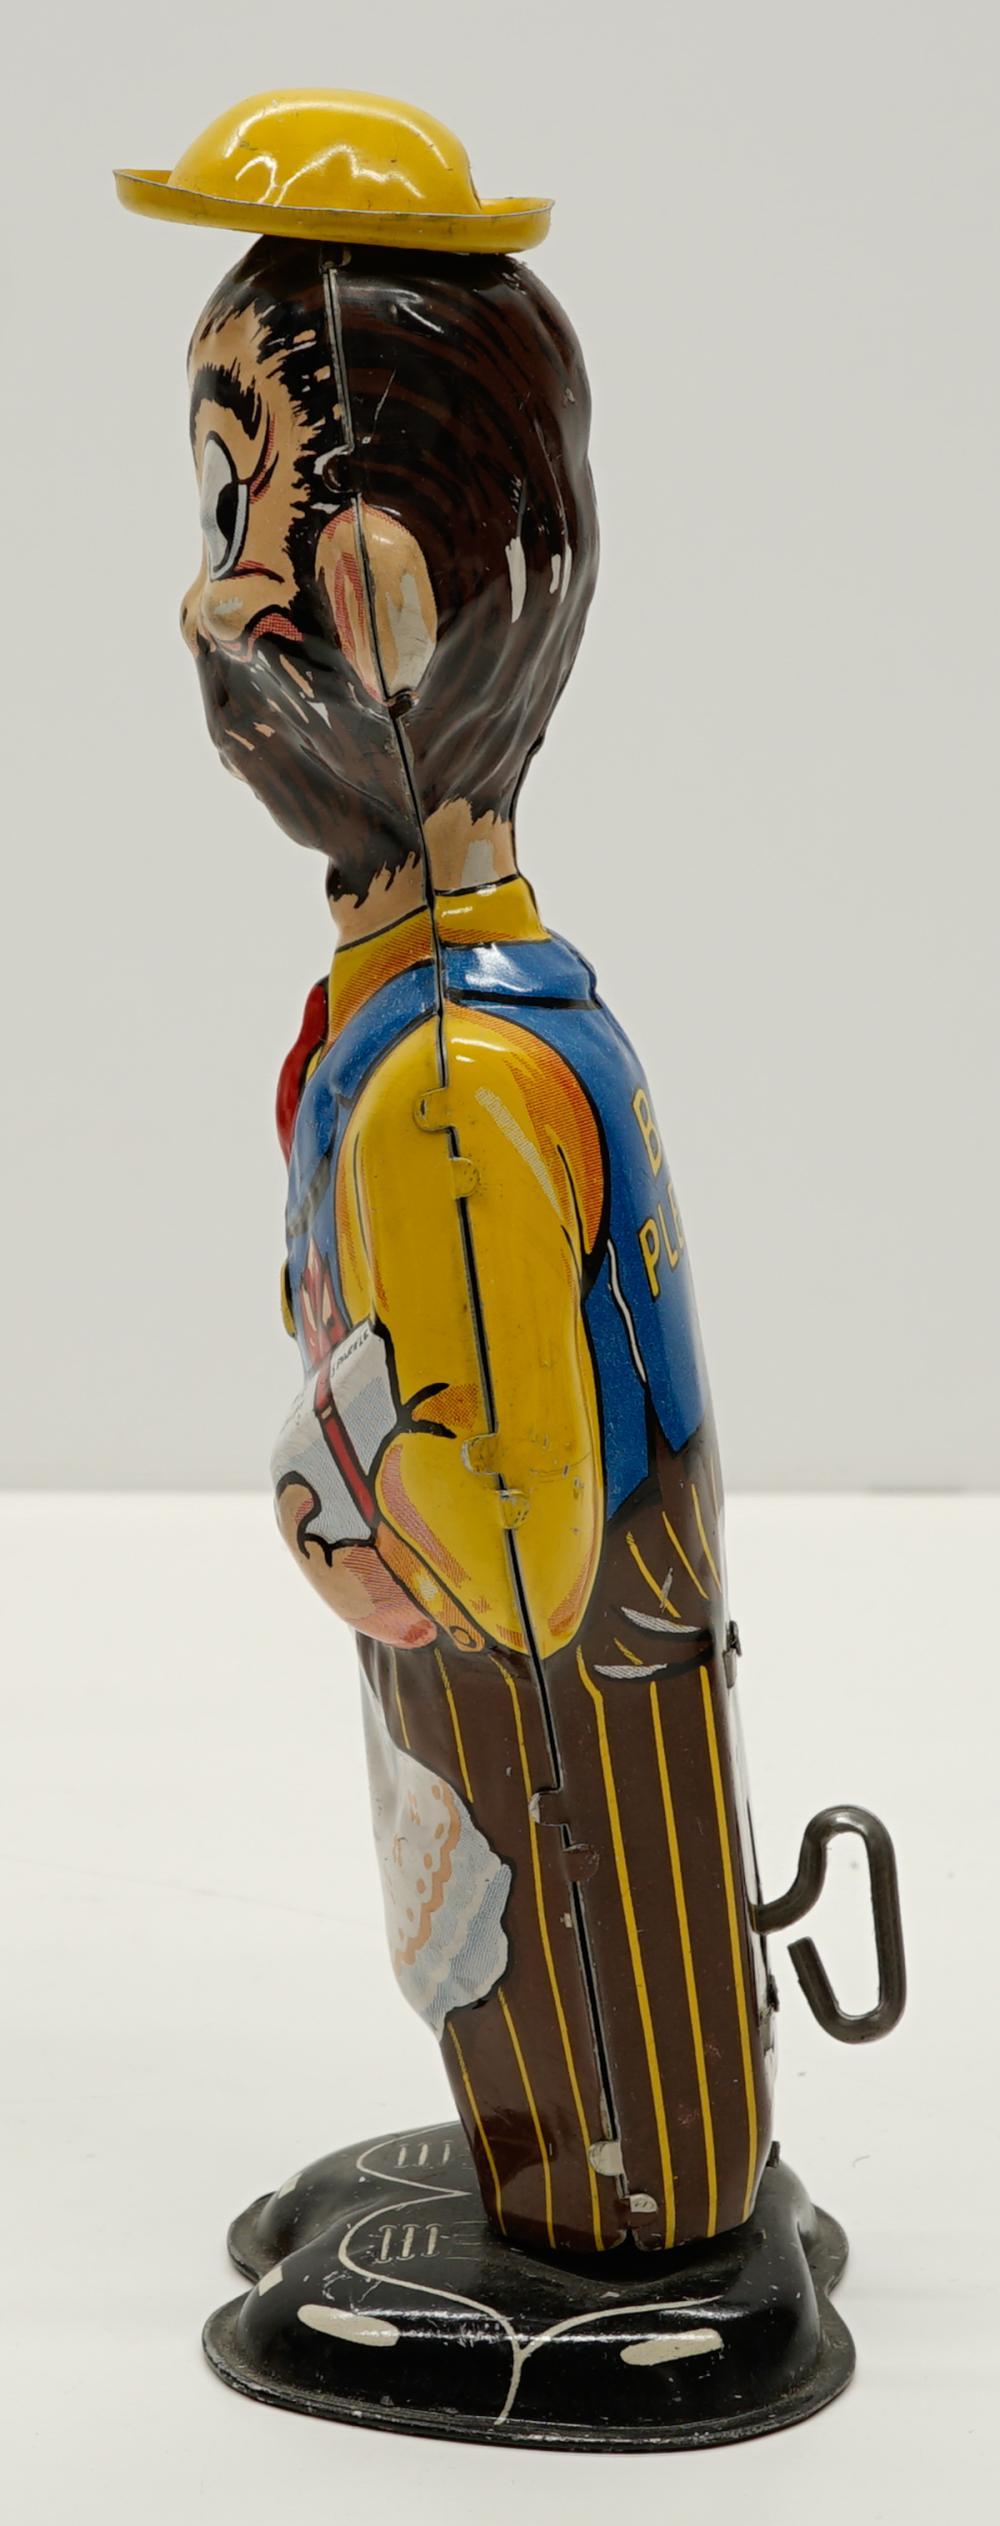 Lot 18: Marx B.O. Plenty Tin Toy Wind-up Toy